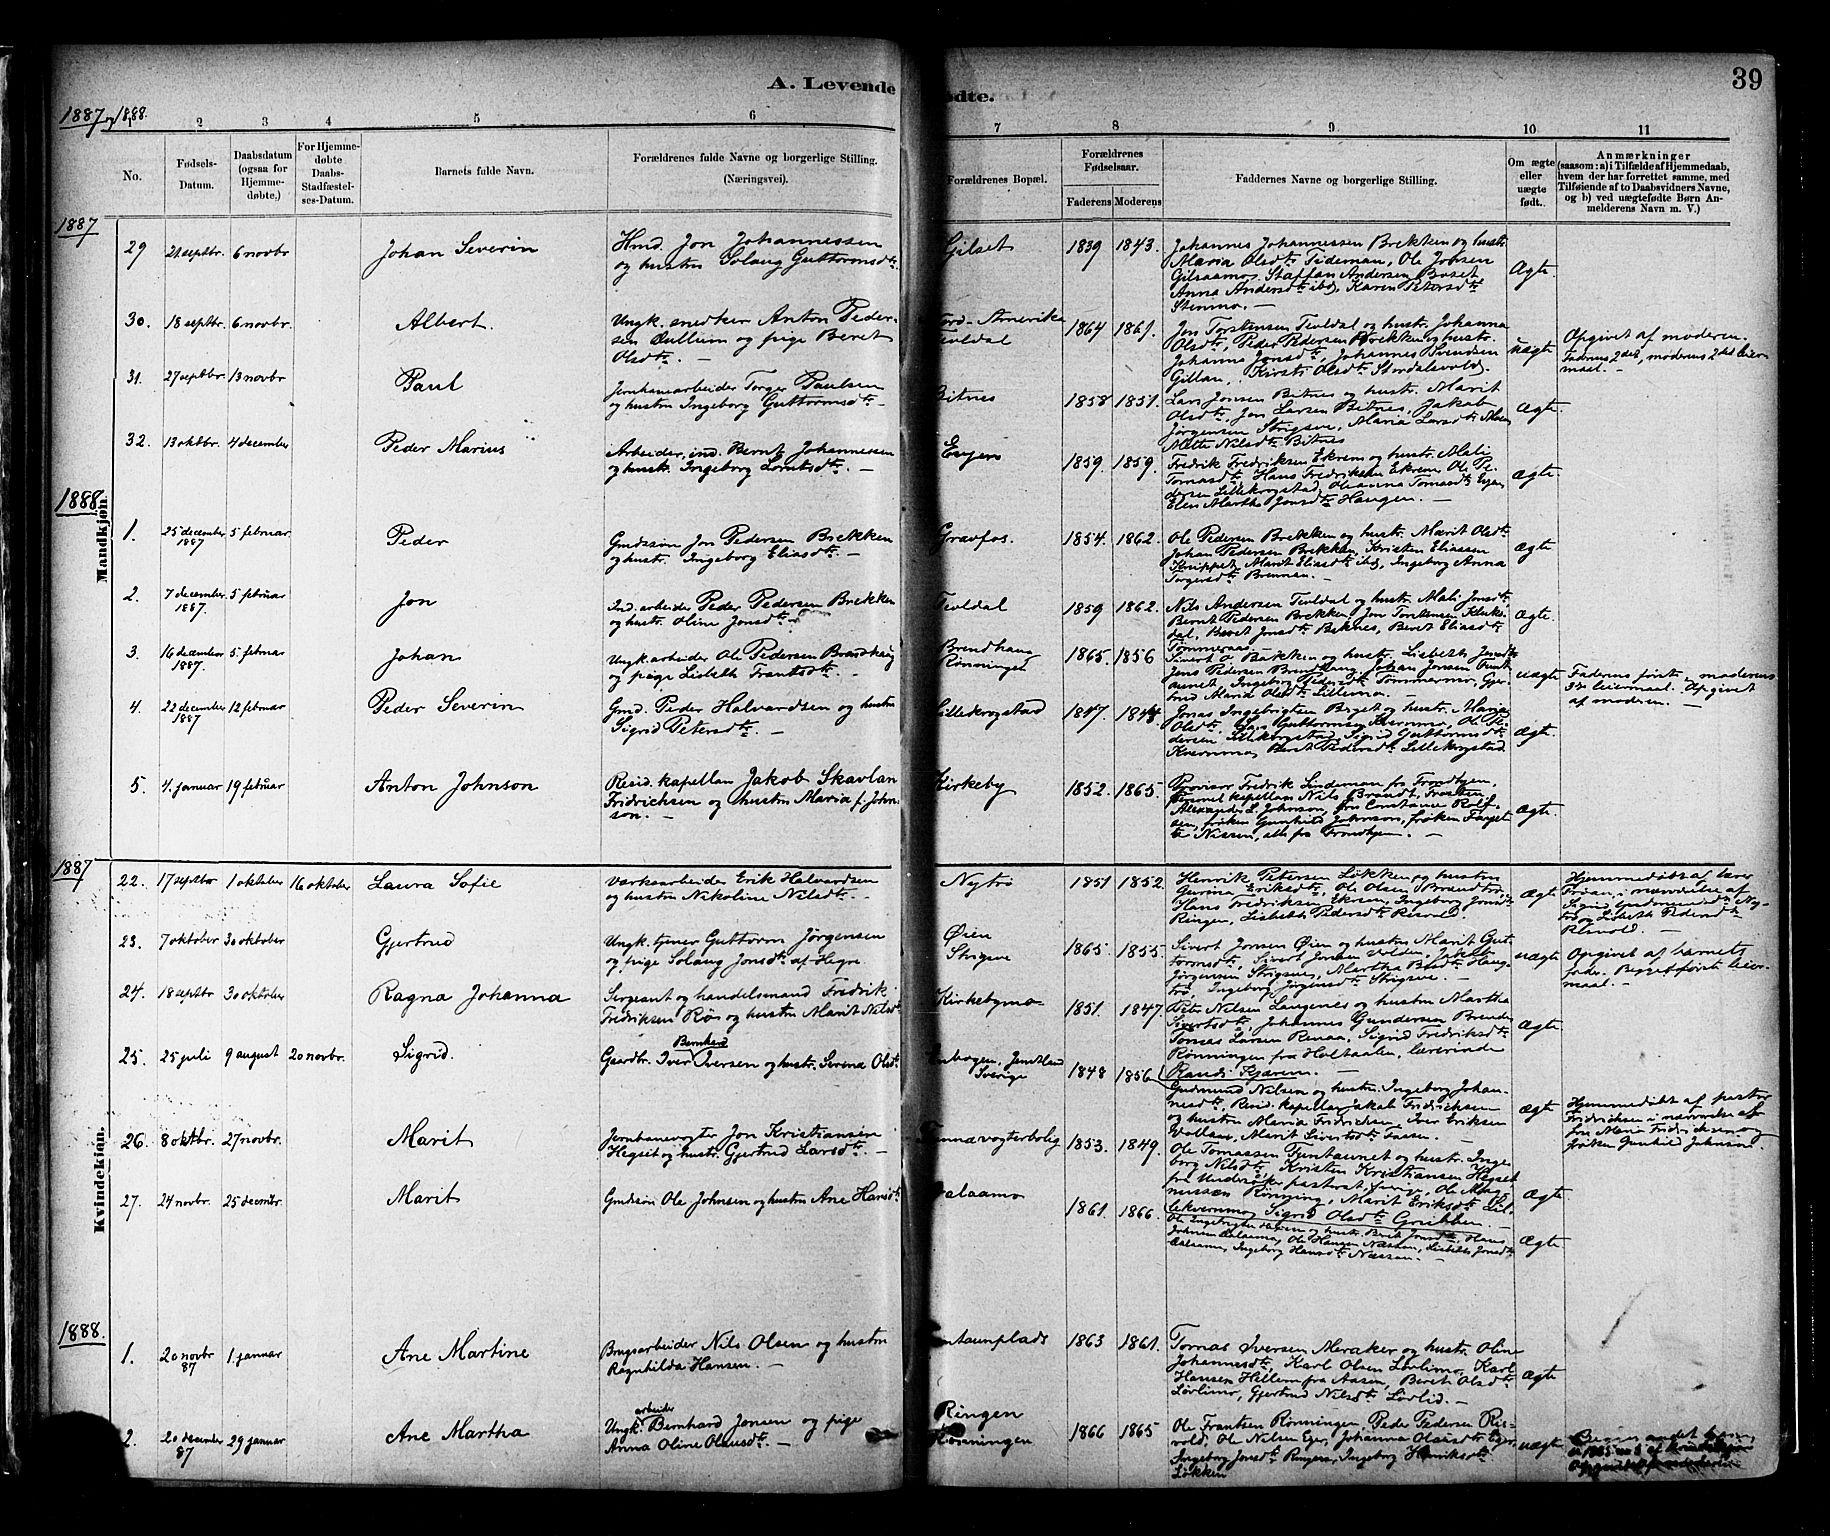 SAT, Ministerialprotokoller, klokkerbøker og fødselsregistre - Nord-Trøndelag, 706/L0047: Ministerialbok nr. 706A03, 1878-1892, s. 39